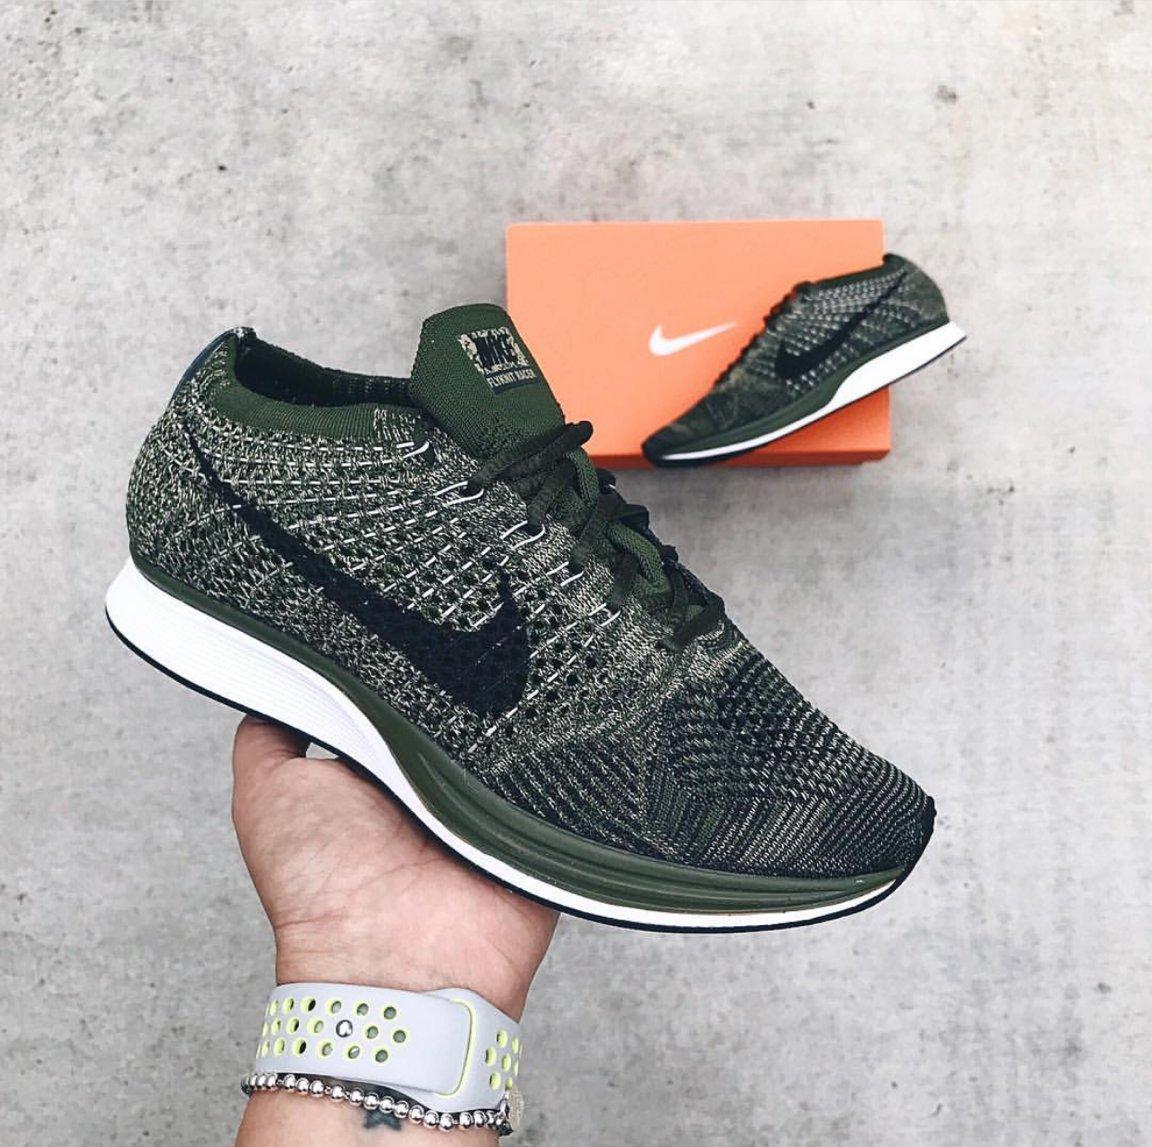 buy online 66bee cfae4 RESTOCK Nike Flyknit Racer